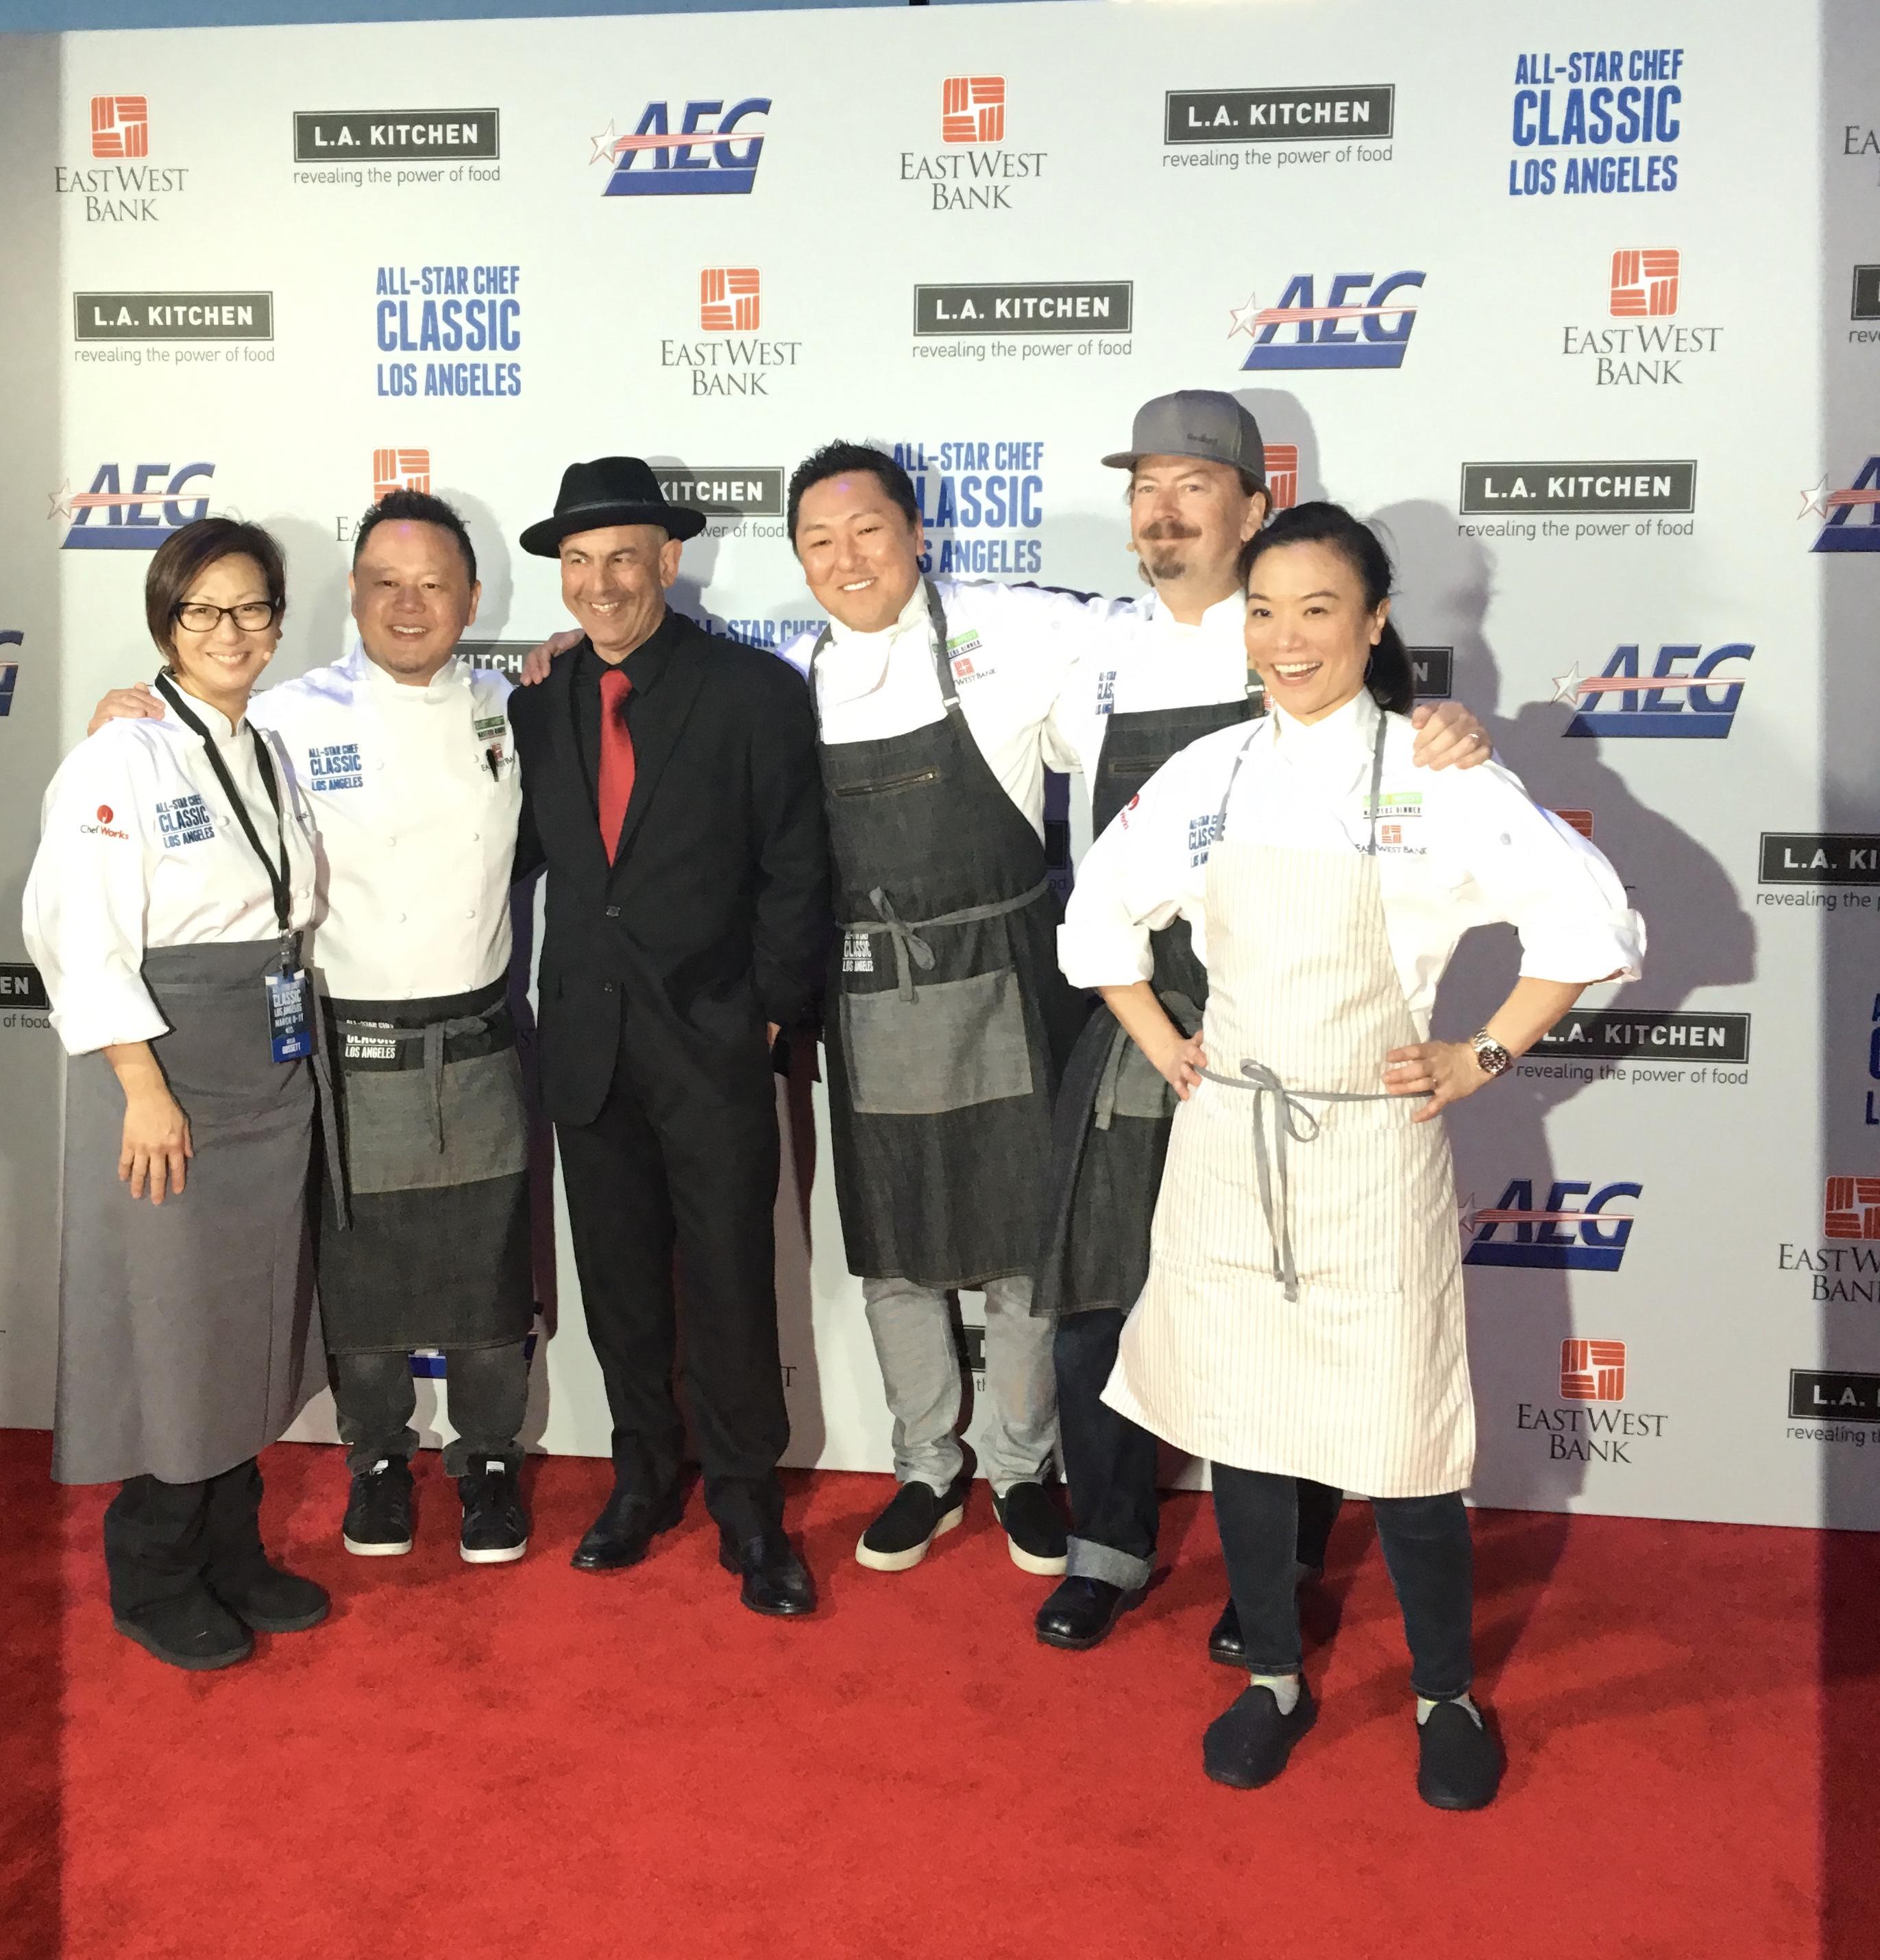 張晴雪(右一)在2017年的全明星主廚活動現場。張晴雪提供